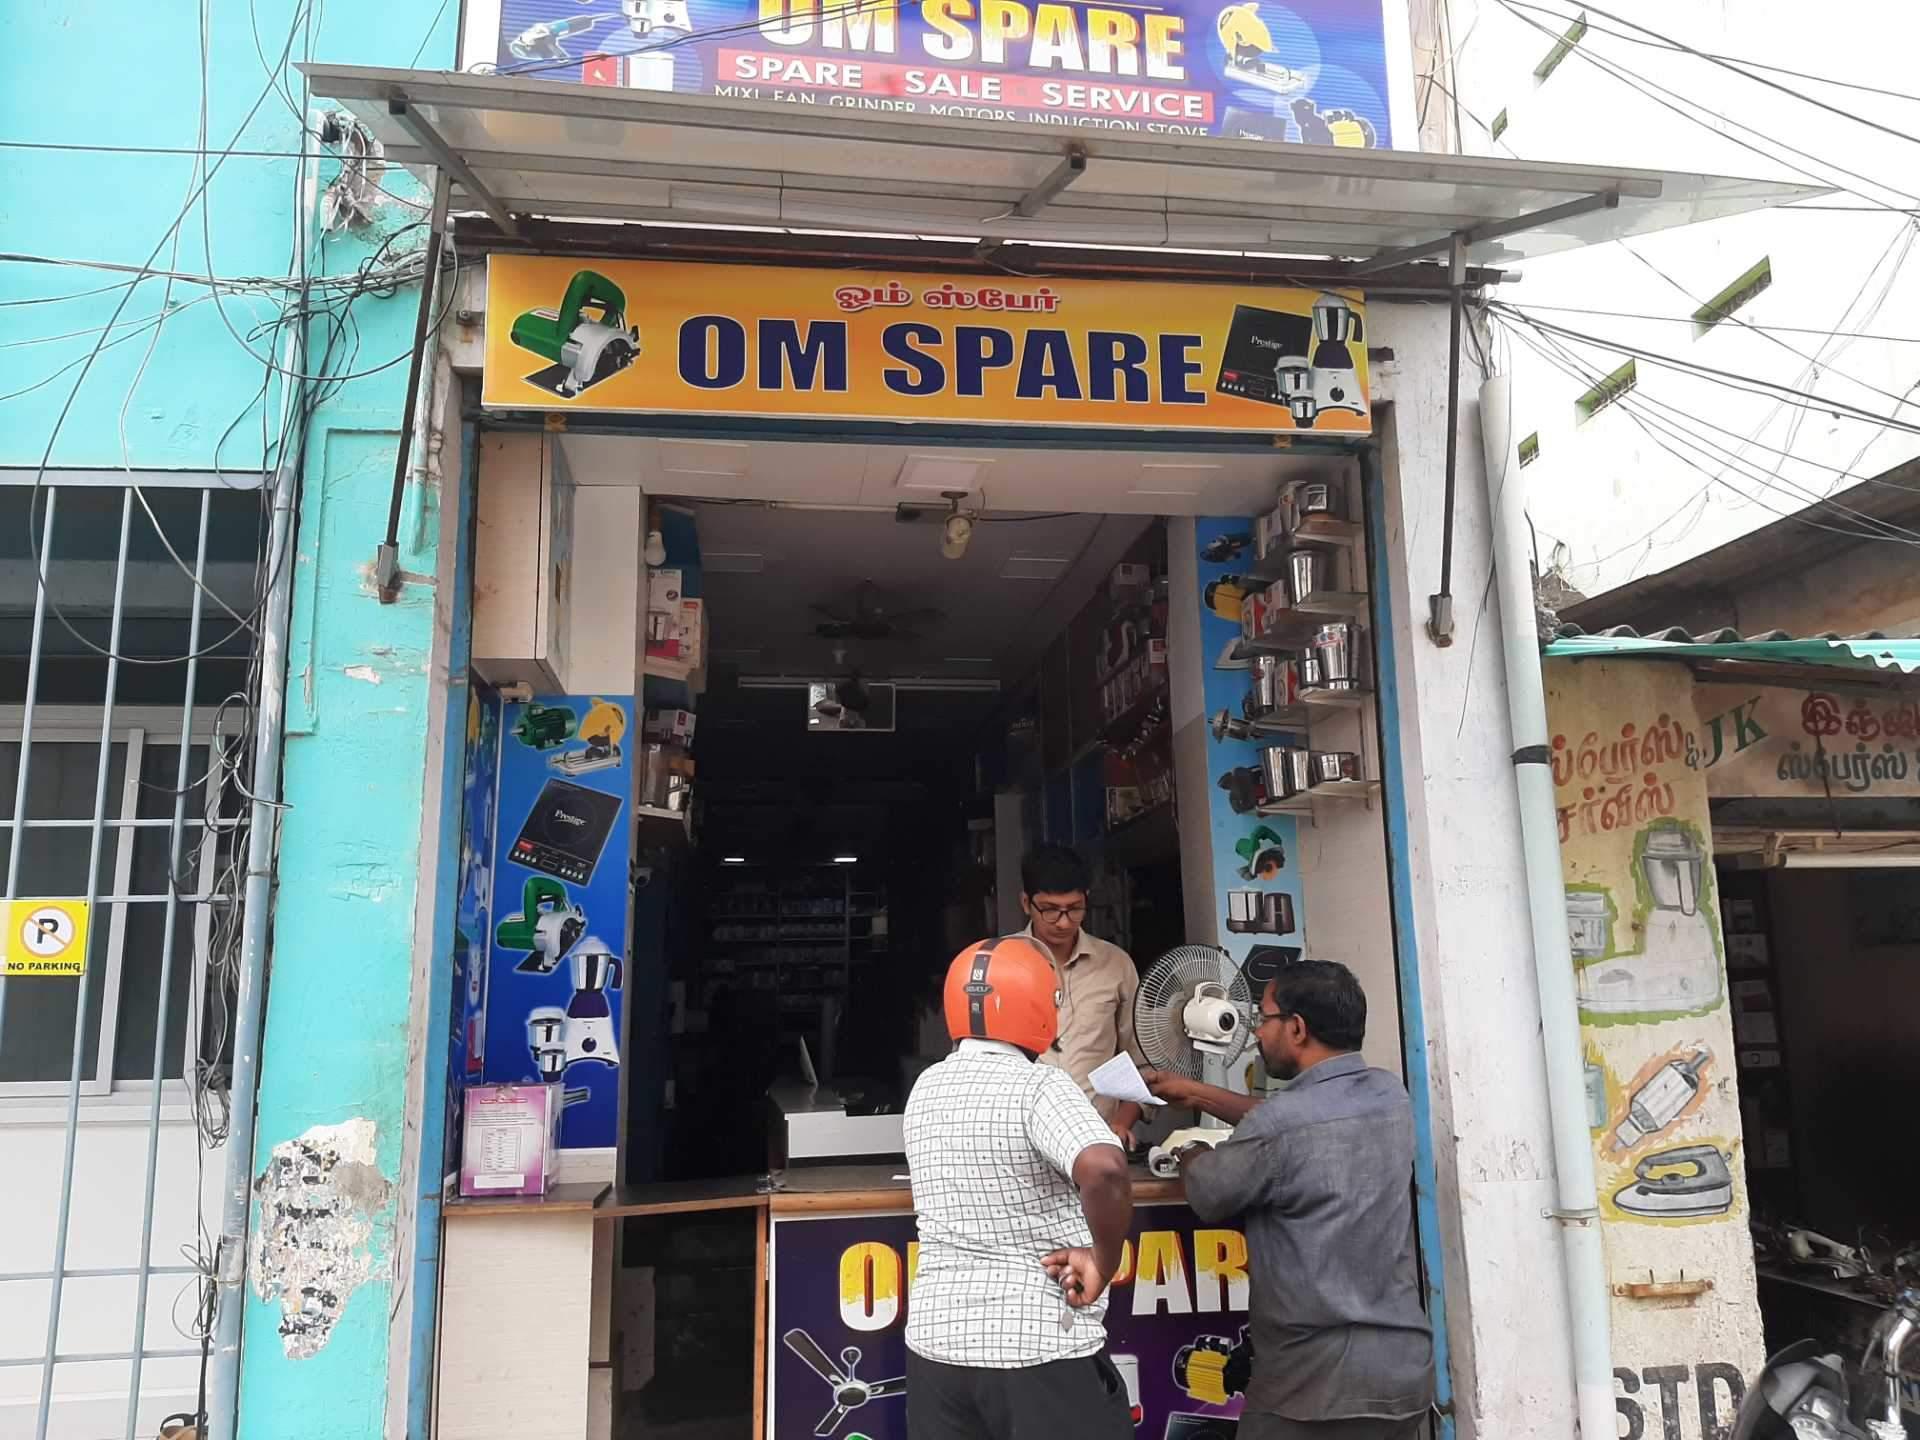 Top Panasonic Refrigerator Repair Services in Vetturnimadam